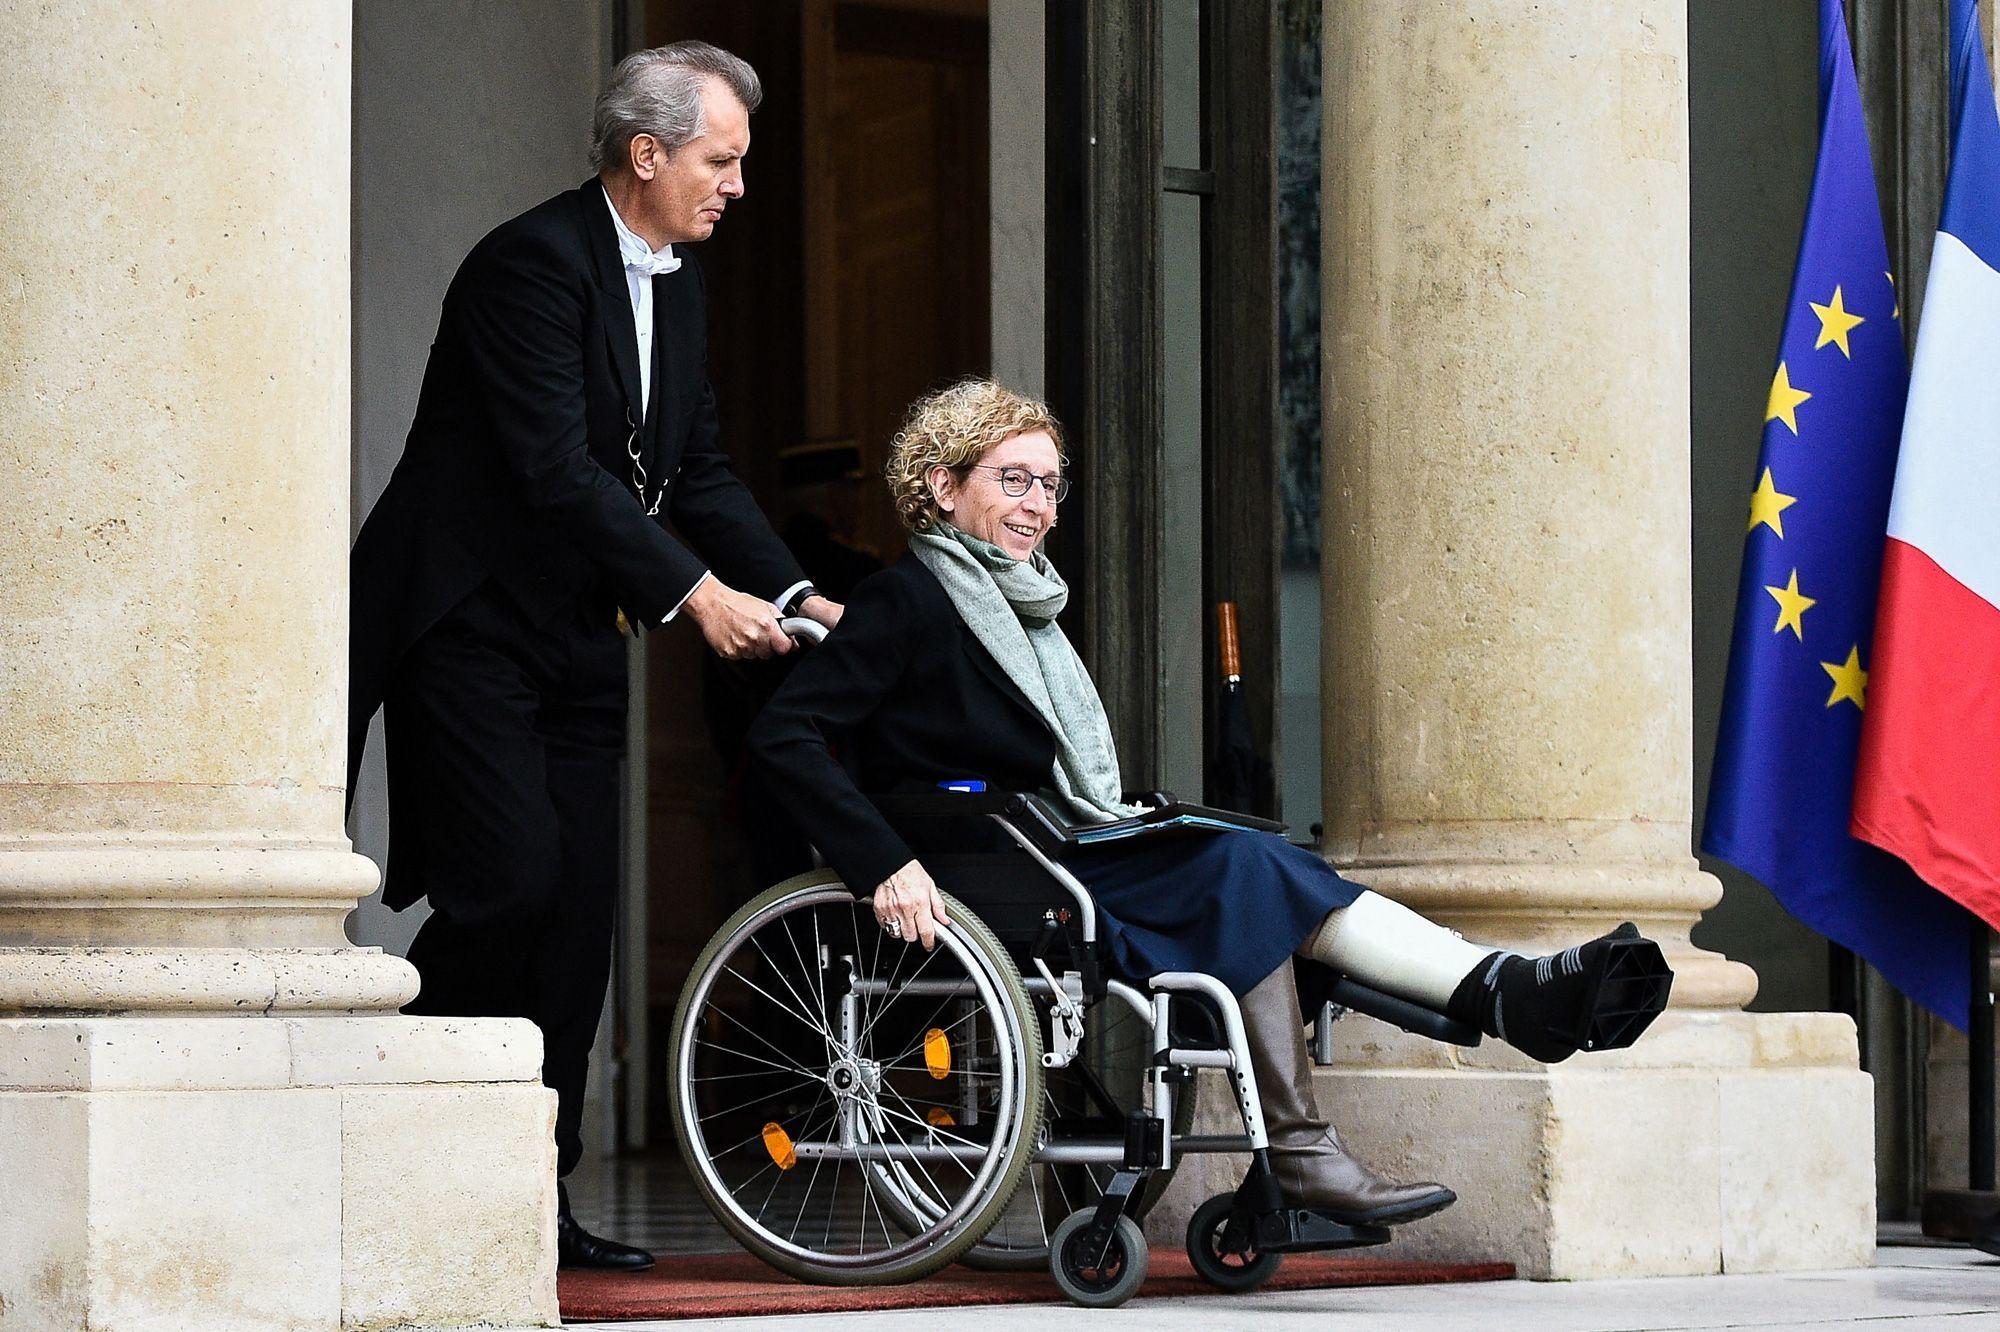 Muriel Pénicaud en fauteuil après une chute dans les escaliers de Matignon